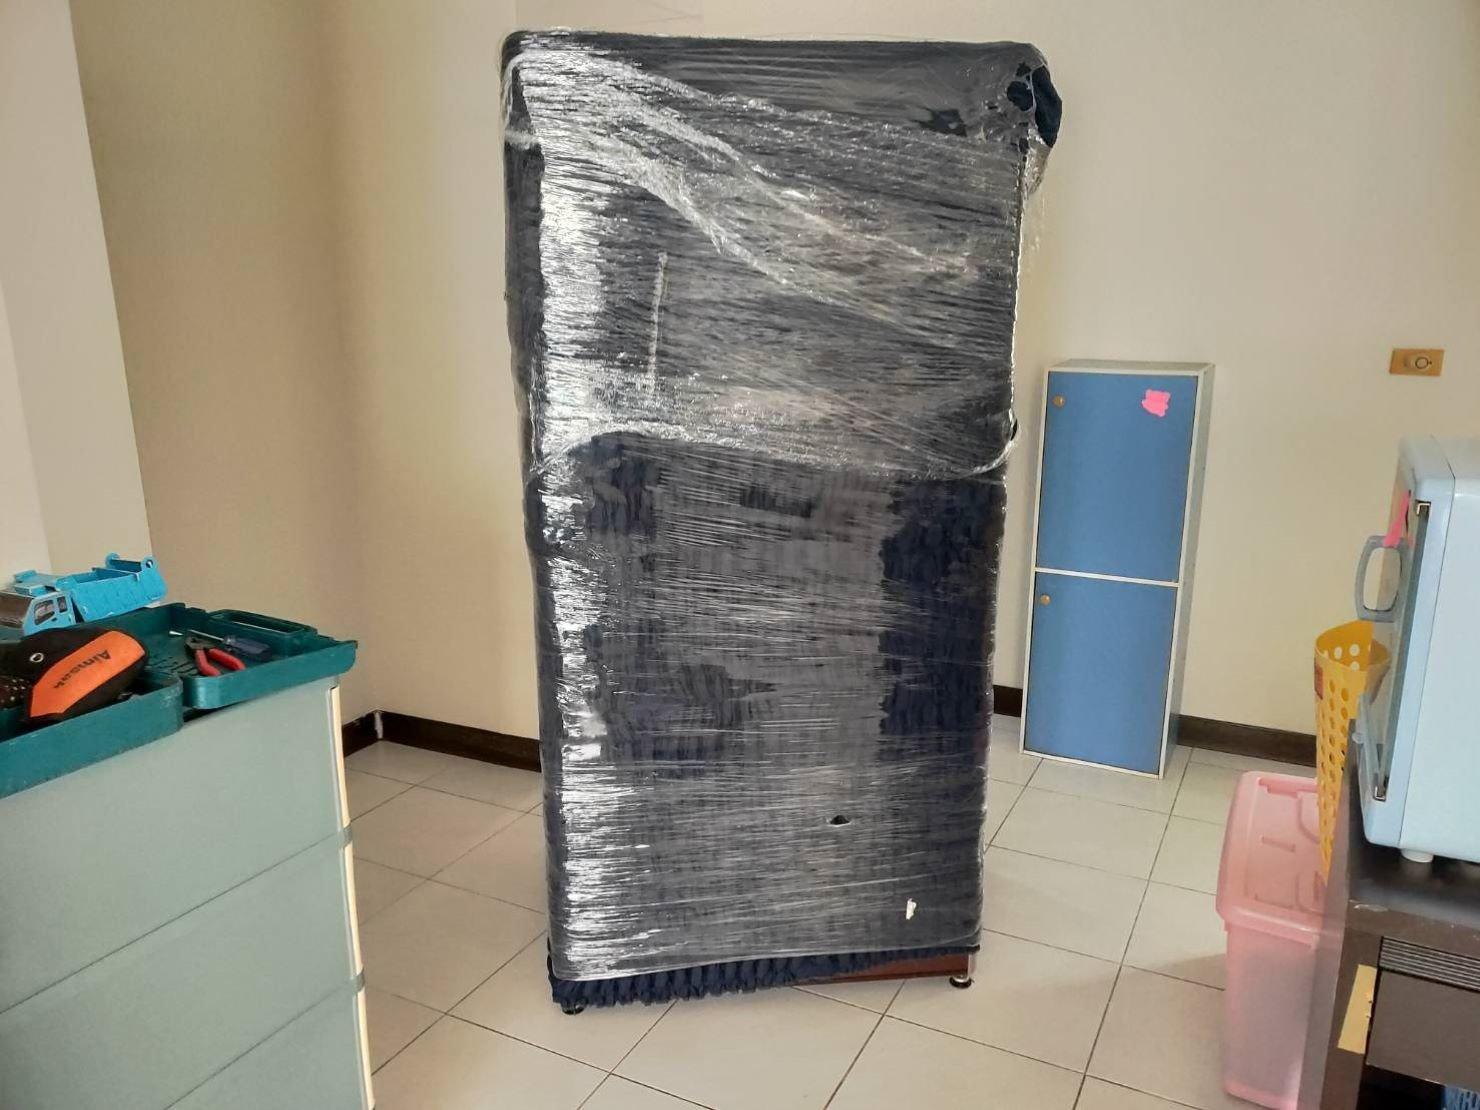 【榮福搬家公司】口碑第一、台北搬家:將冰箱用布套與膠膜做雙層防護,防碰撞、防水氣滲入。